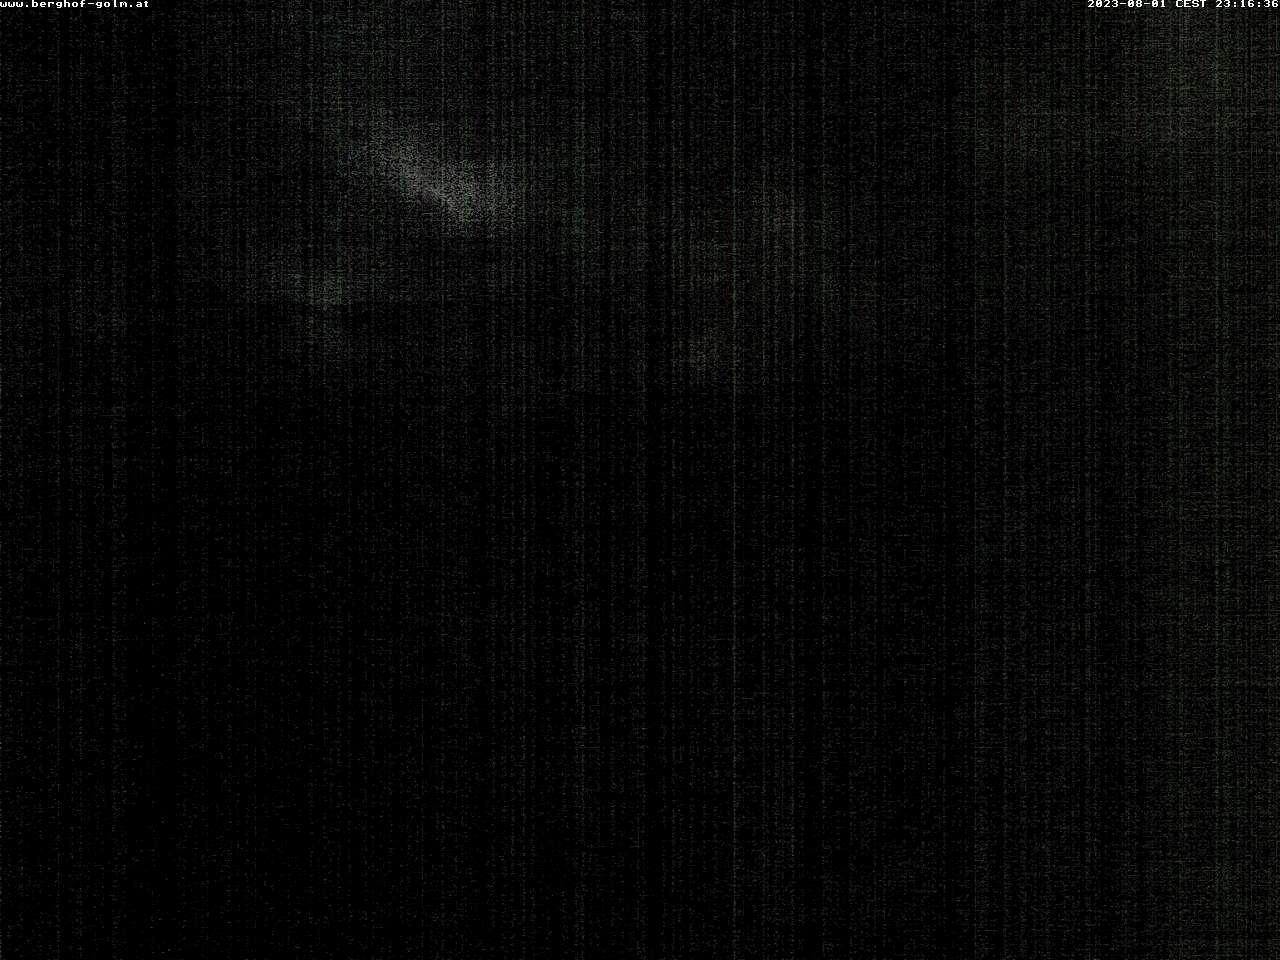 Unsere Webcam am Berghof – mit Blick Richtung Cin-Cin Bar